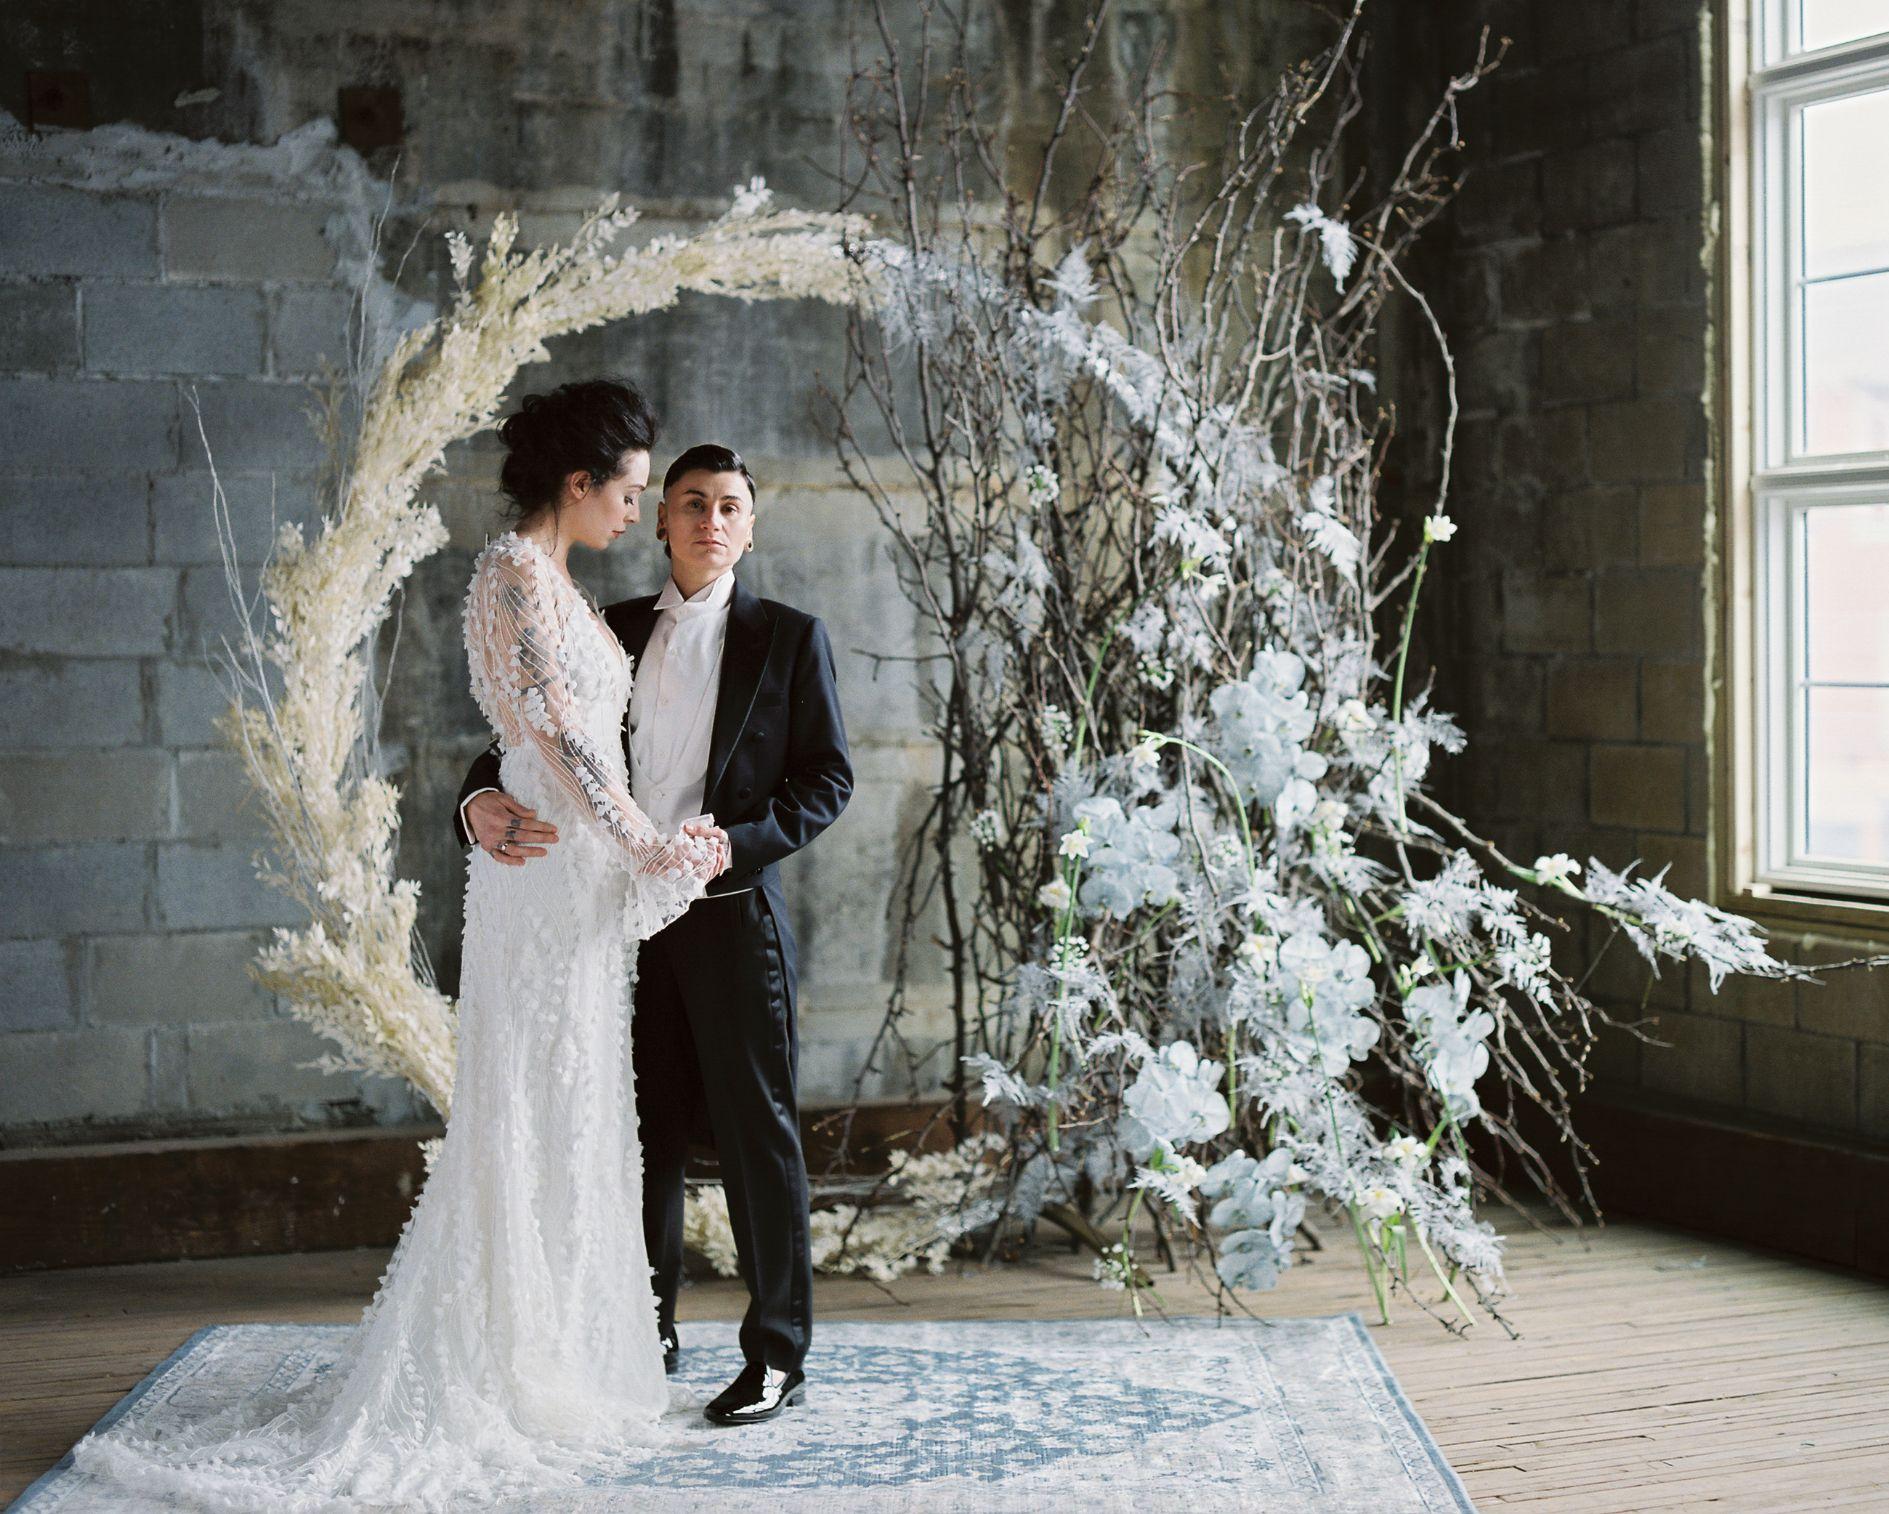 olio-peabody-boston-lesbian-wedding-style-daylynn-designs5 2.jpg